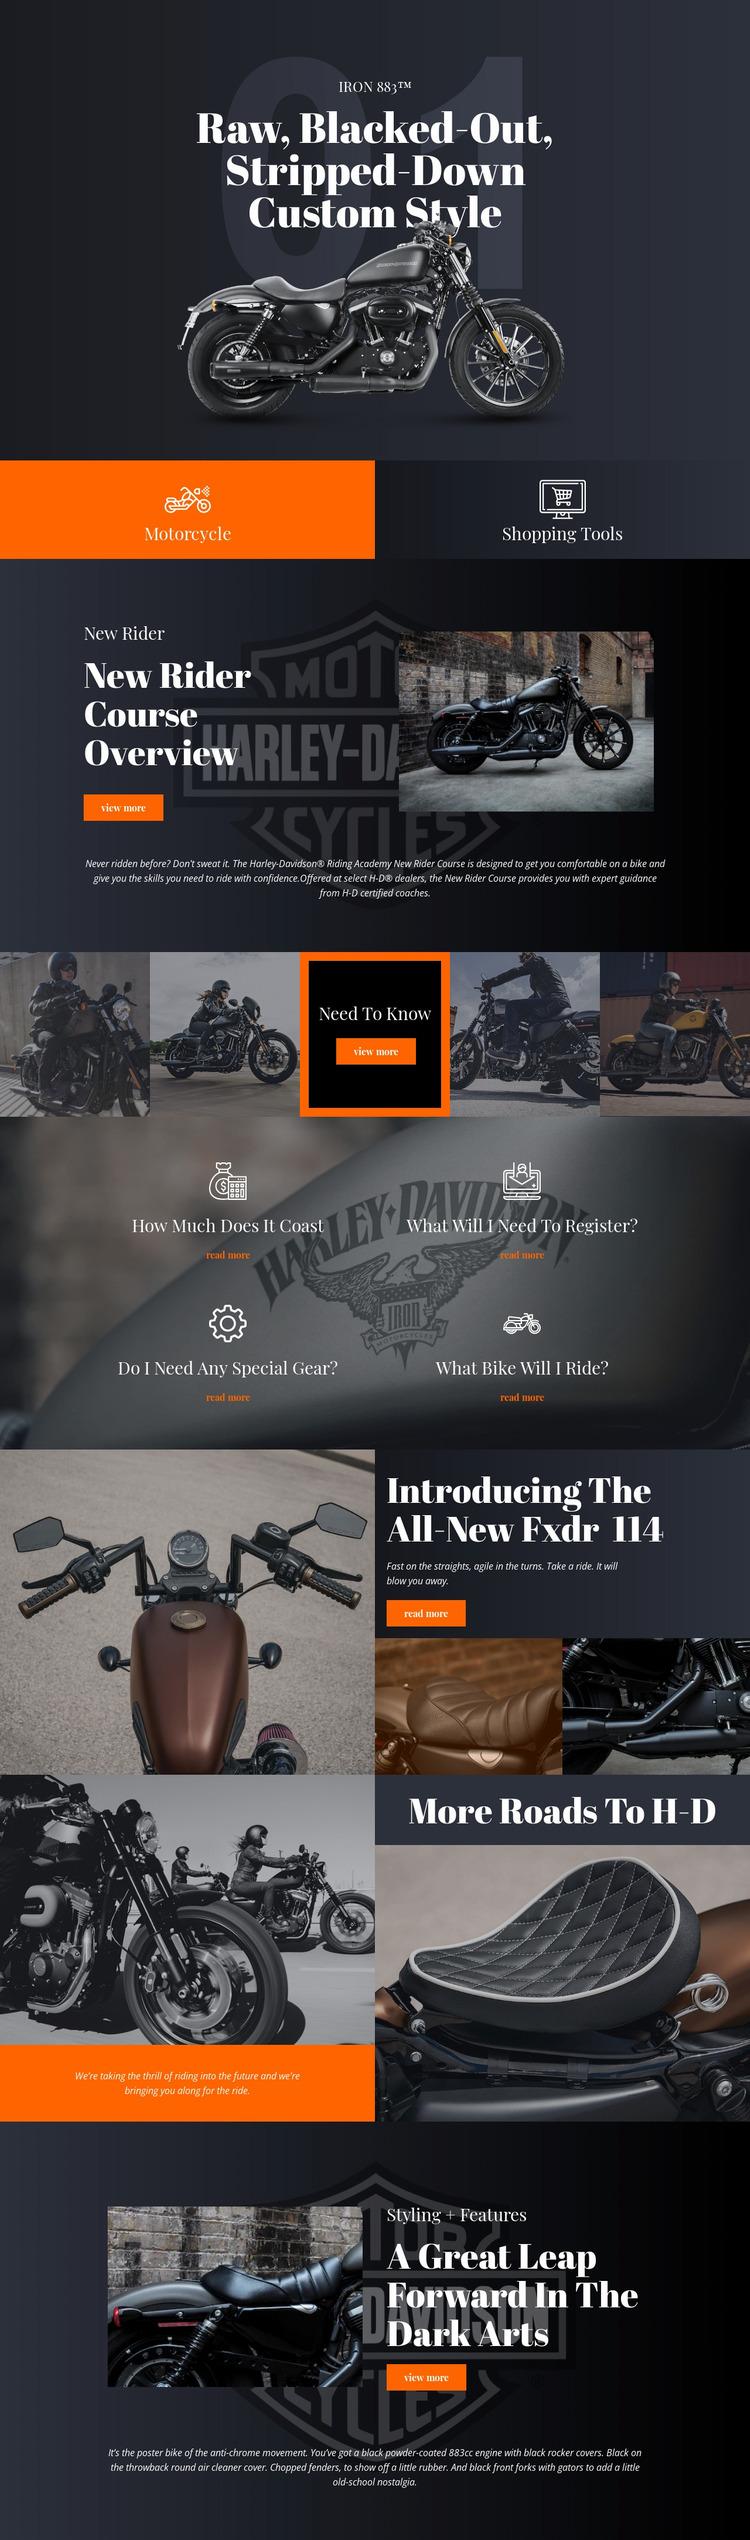 Harley Davidson Website Mockup